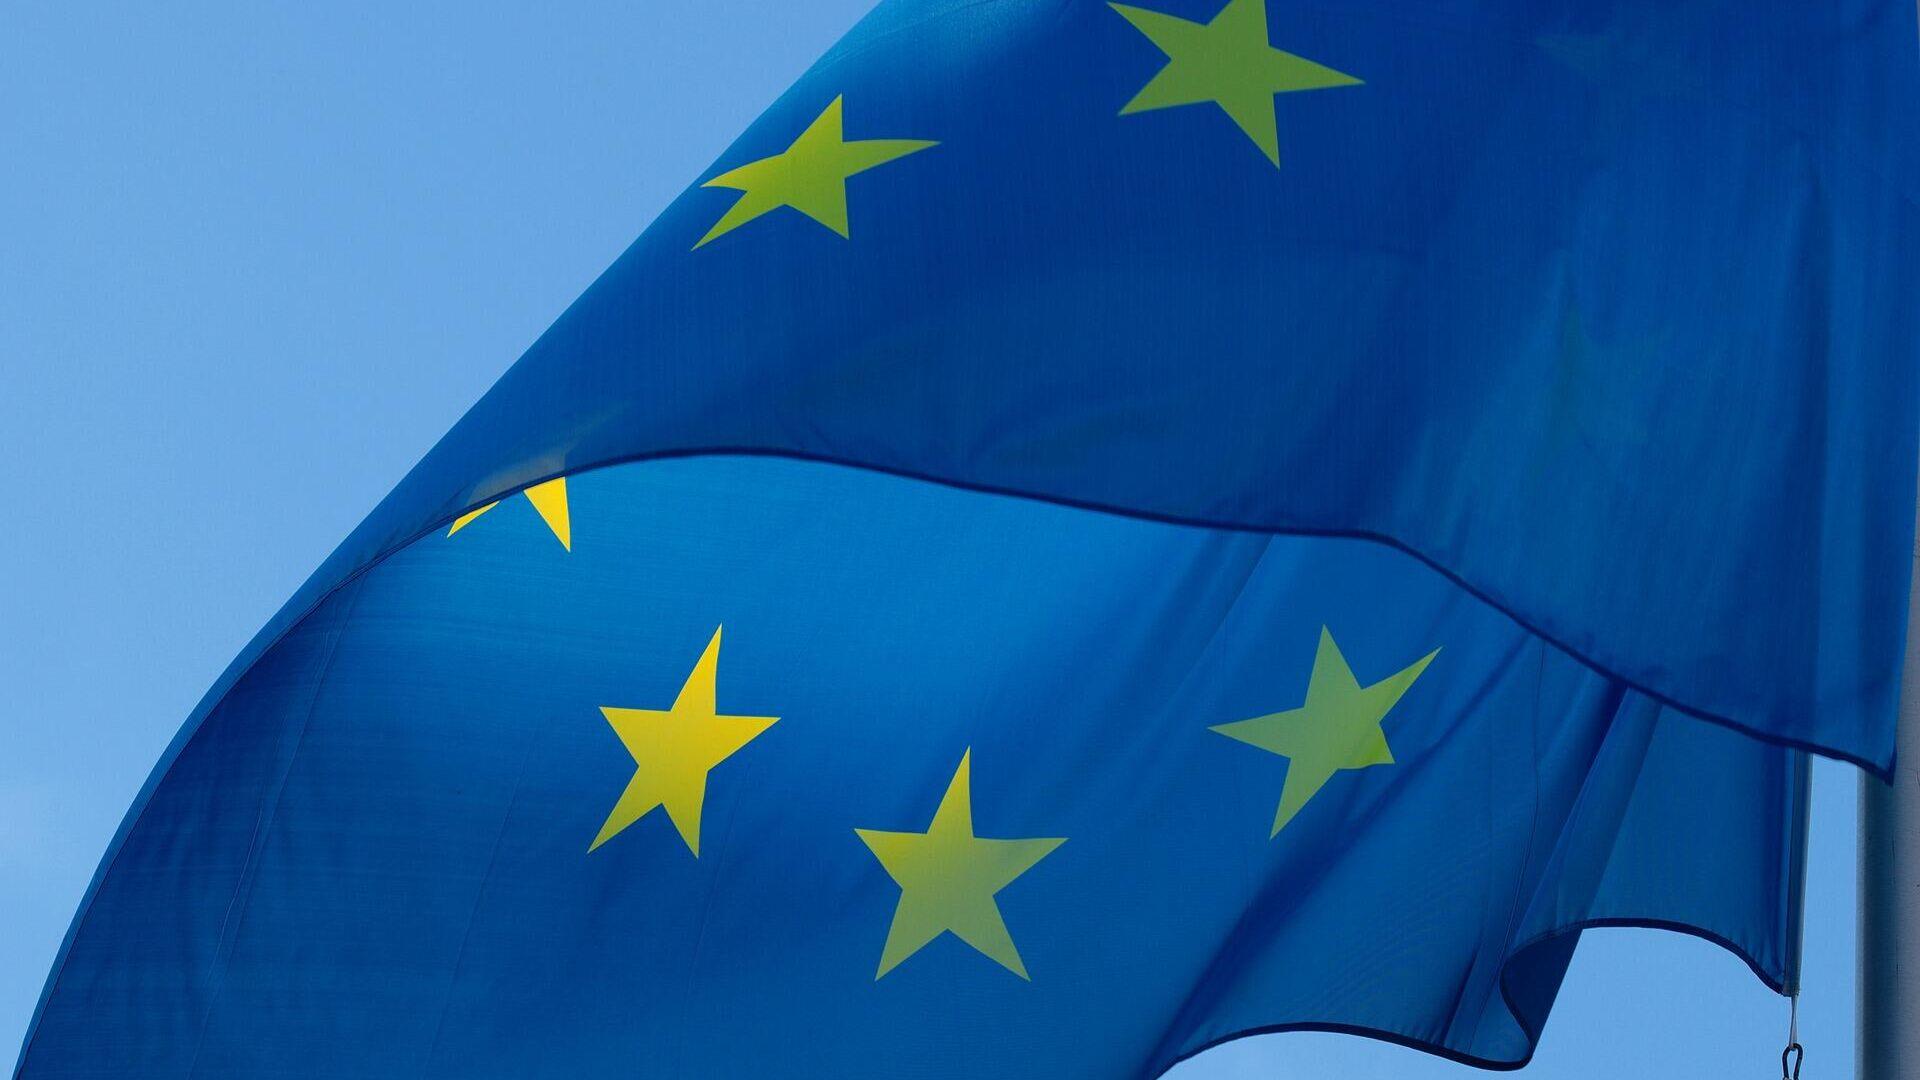 Flagge der Europäischen Union - SNA, 1920, 03.09.2021